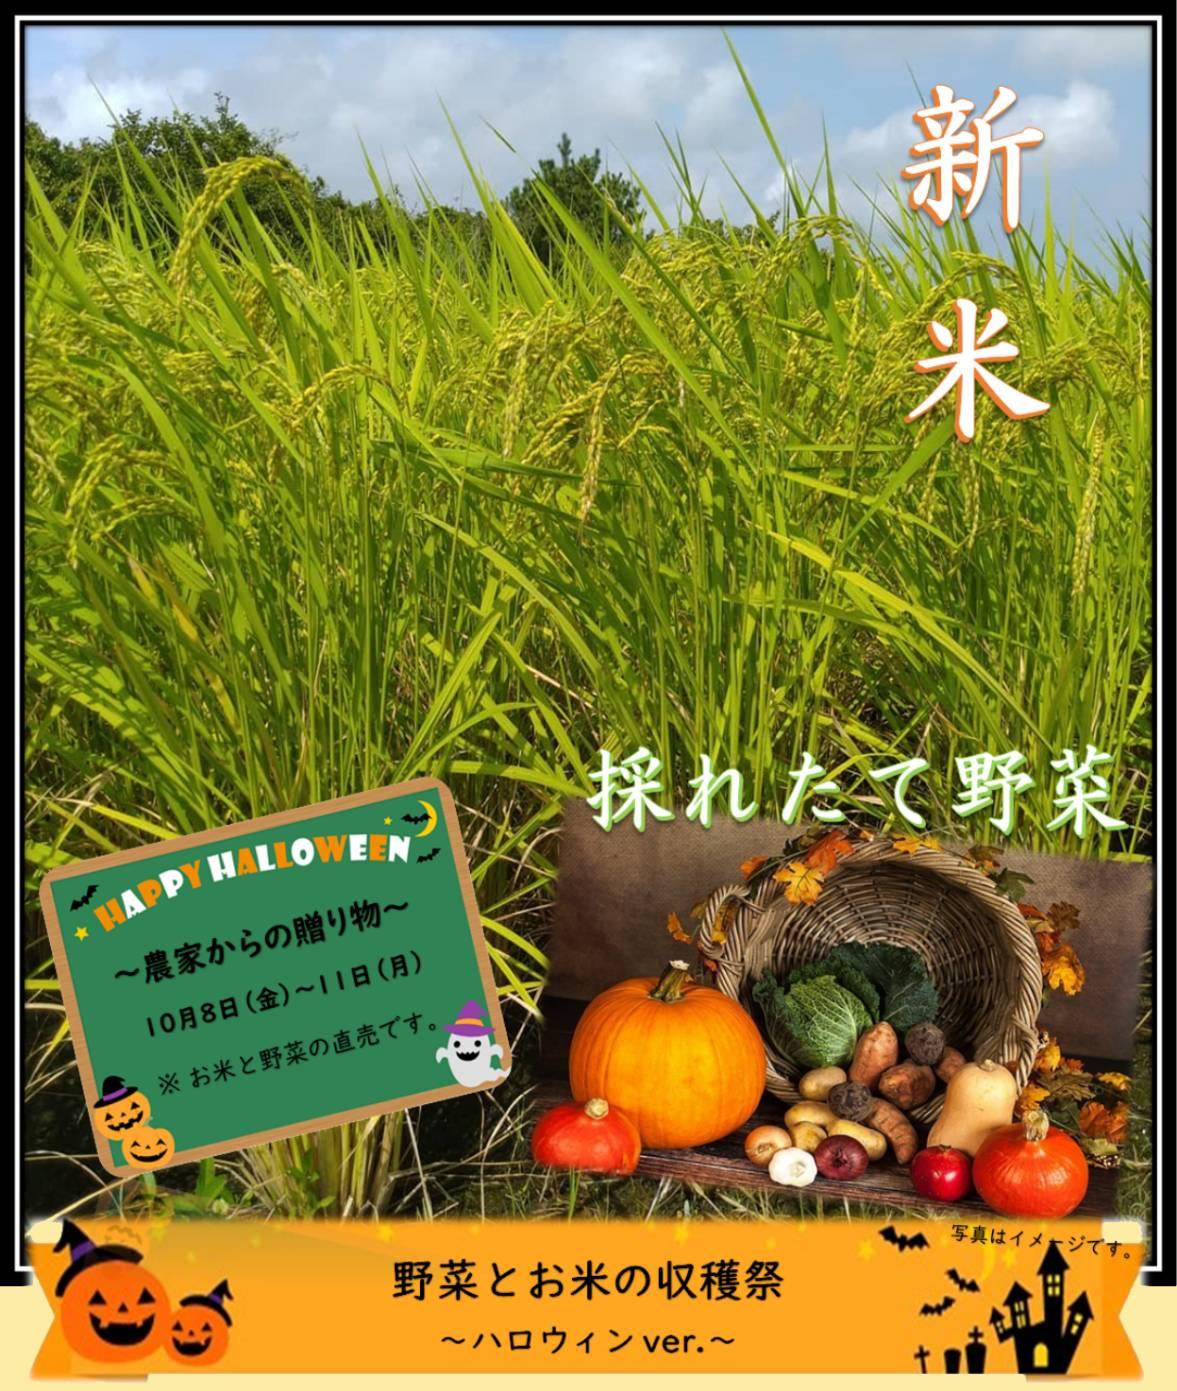 野菜とお米の収穫祭 ハロウィンVer.